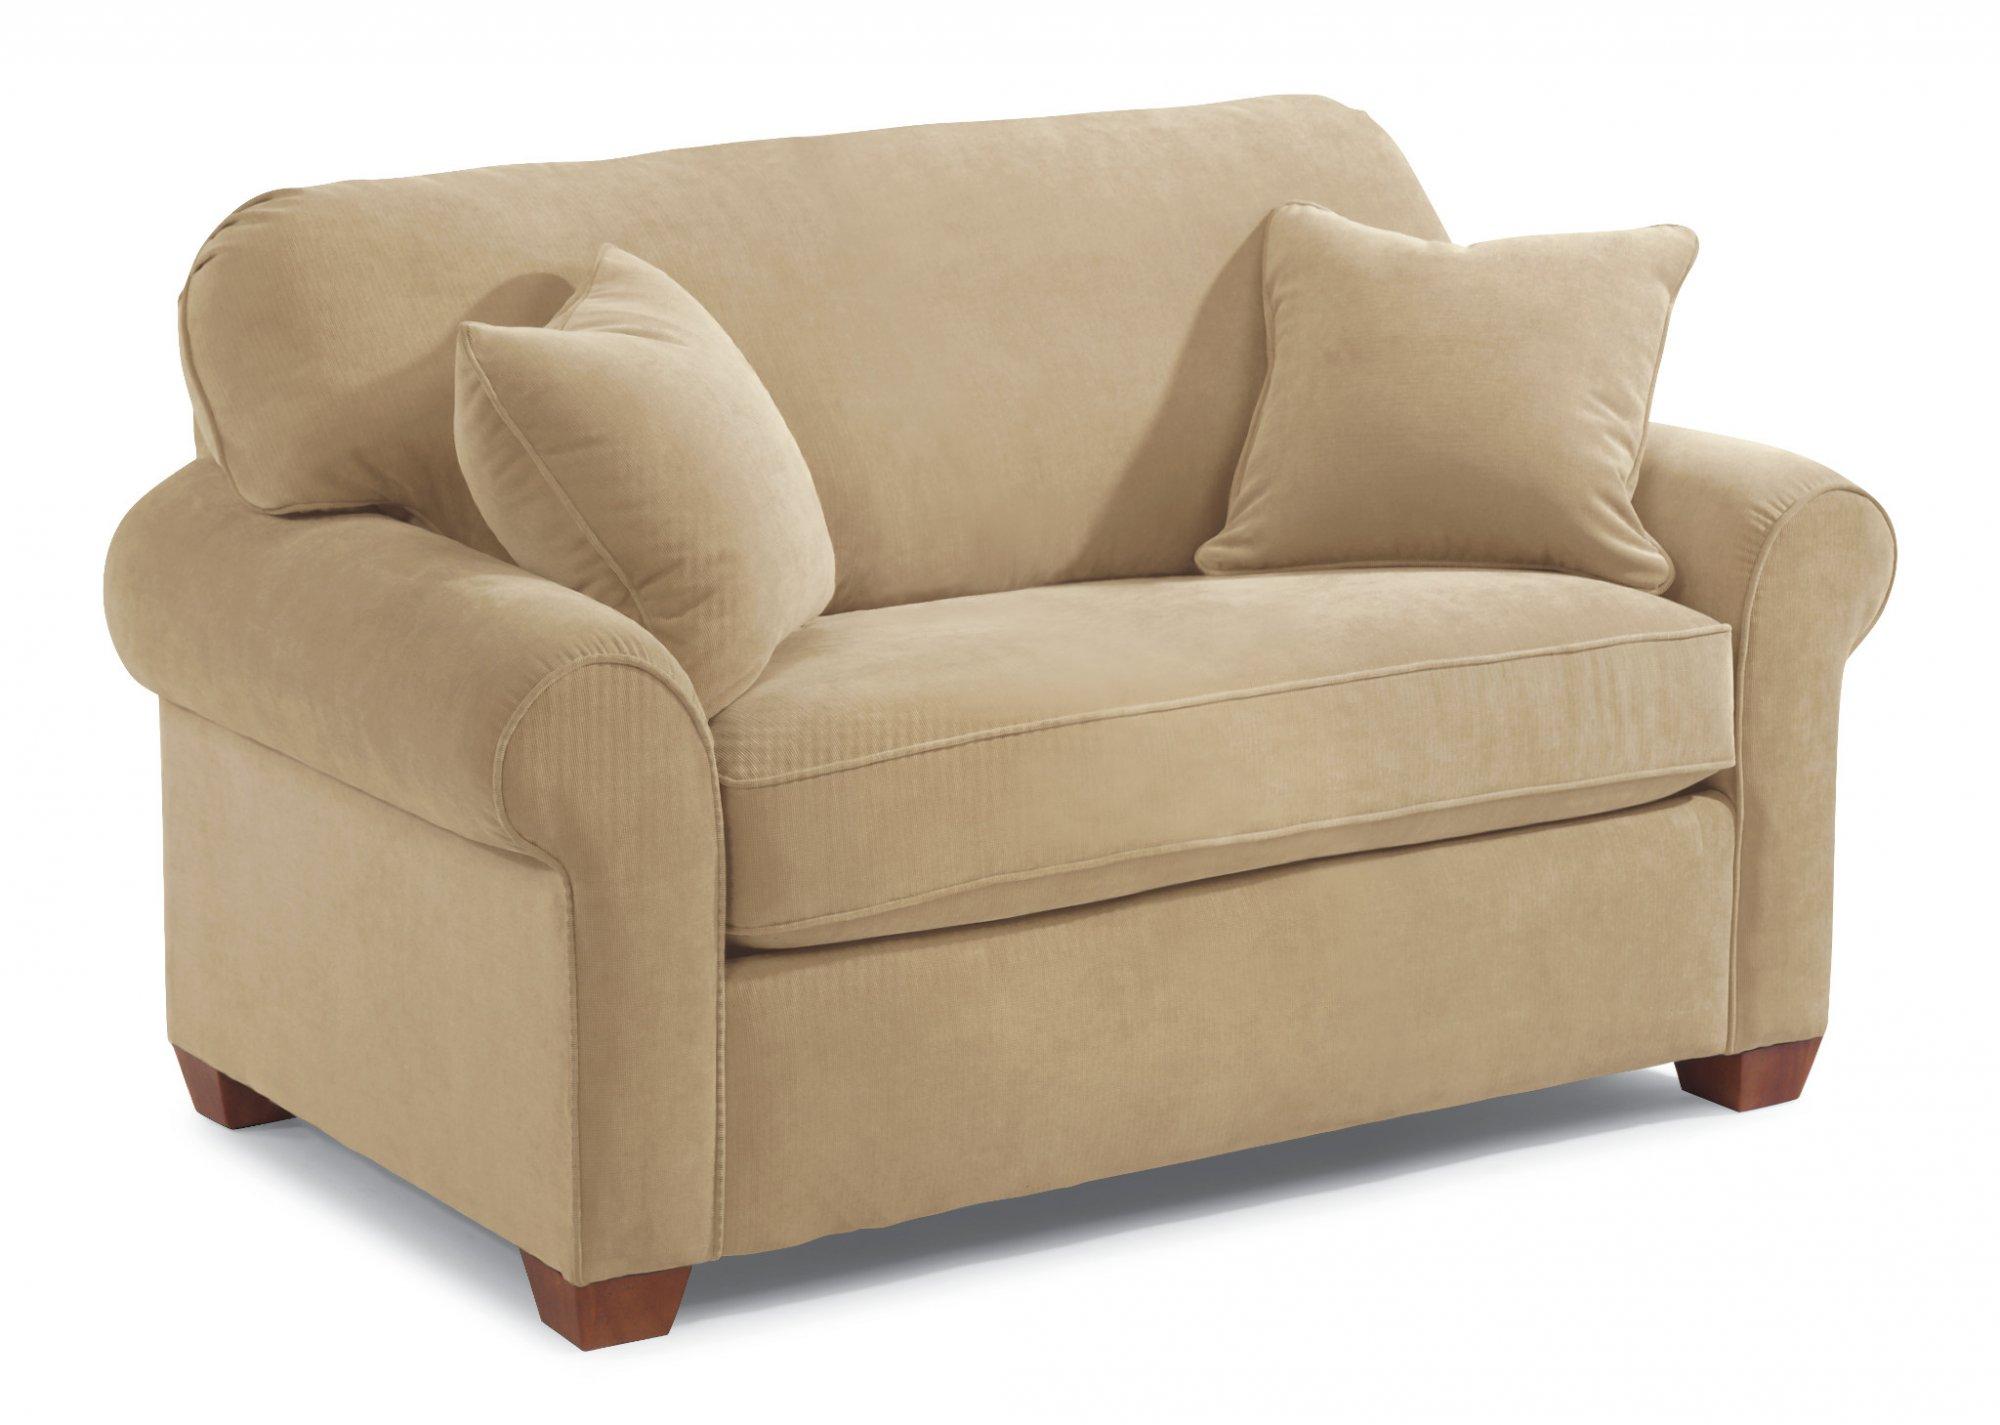 Flexsteel Thornton  Fabric Twin Sleeper